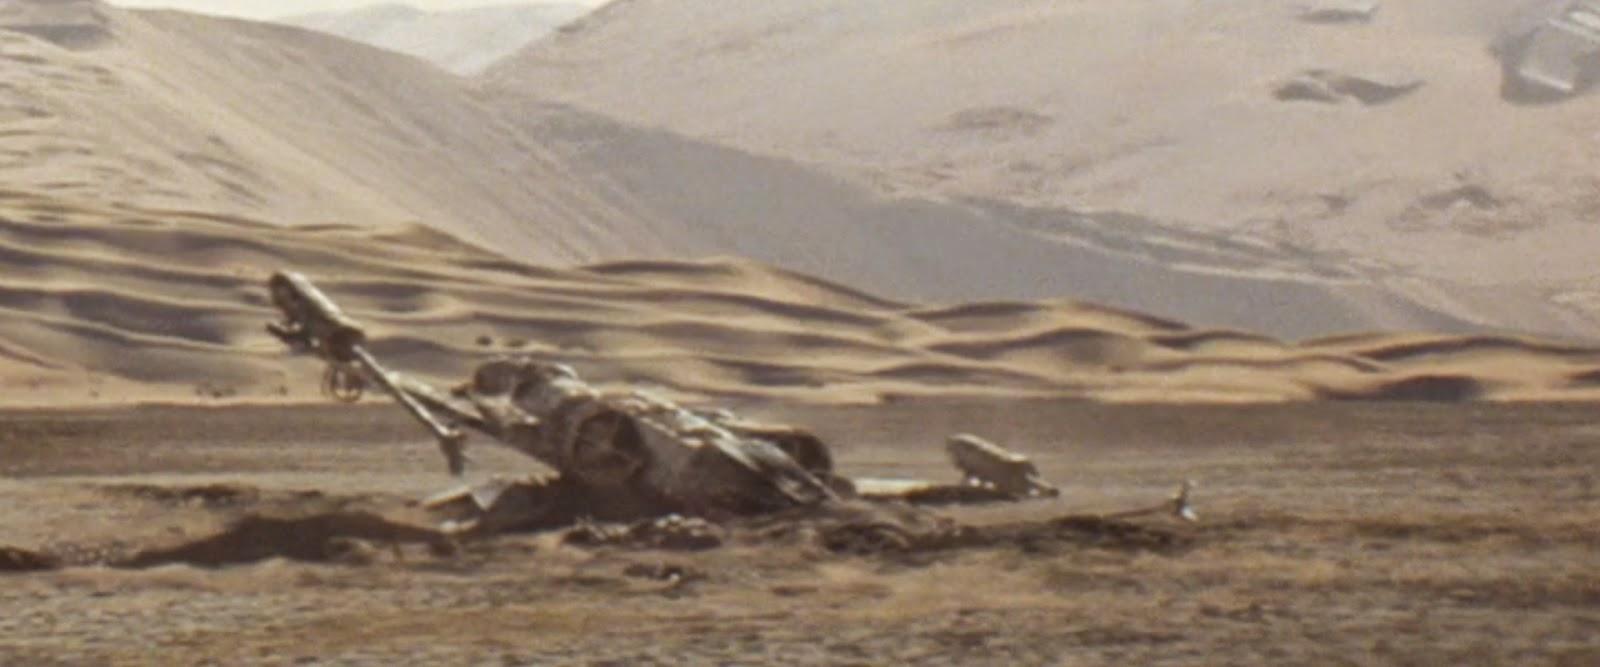 Star Destroyer Crashes on Tatooine Crashed Star Destroyer